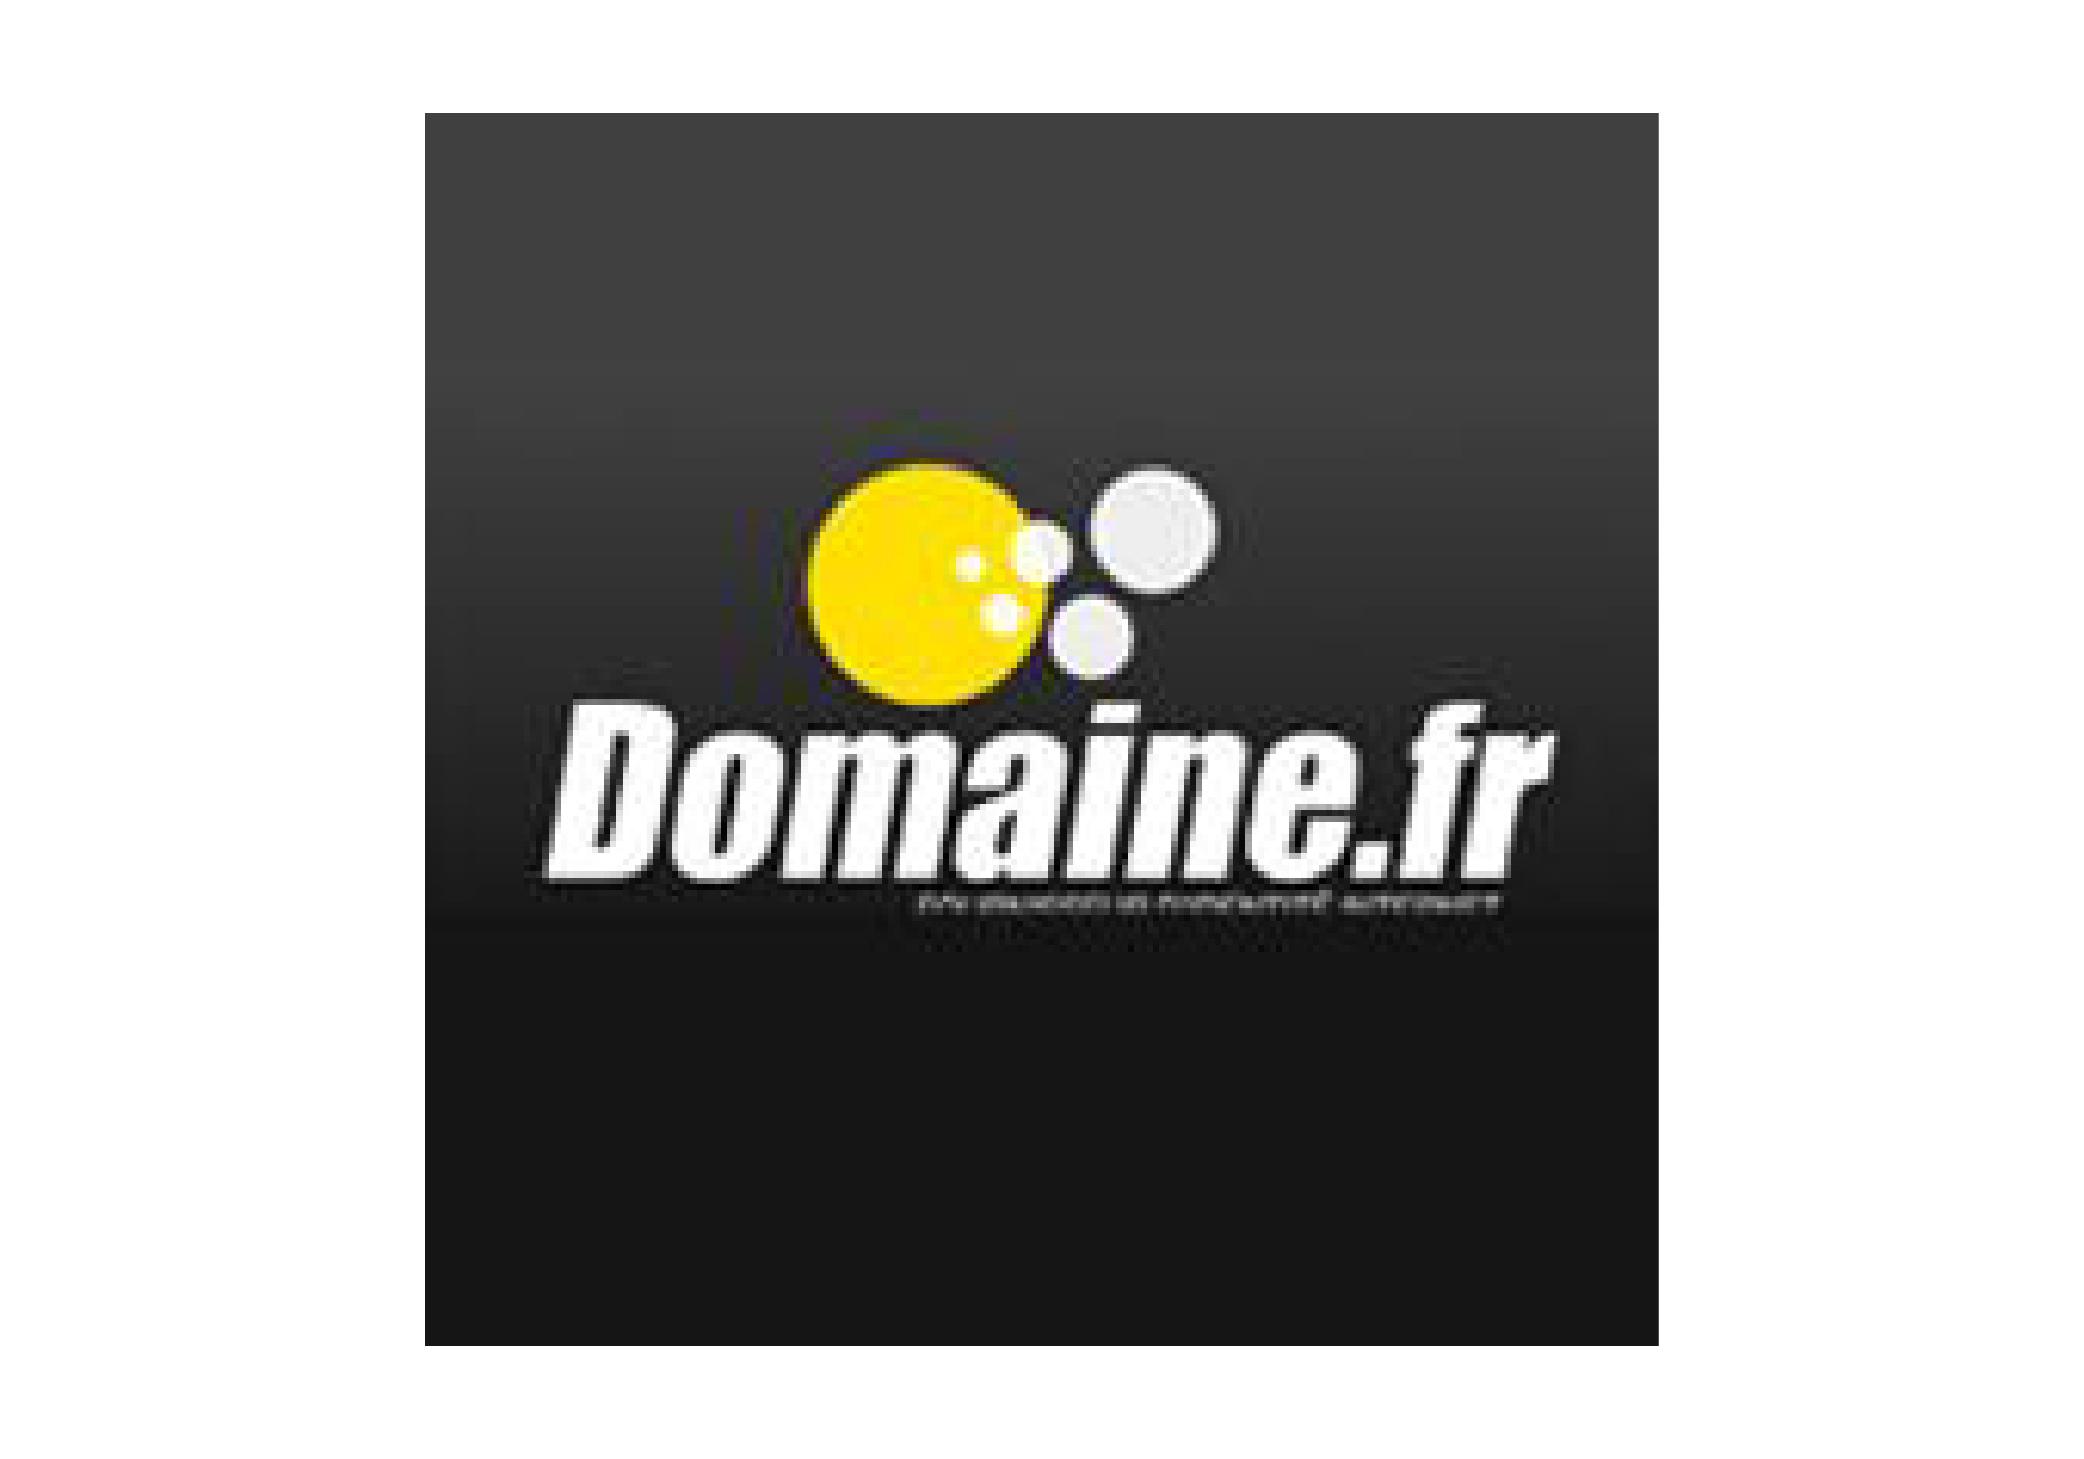 Domaine.fr